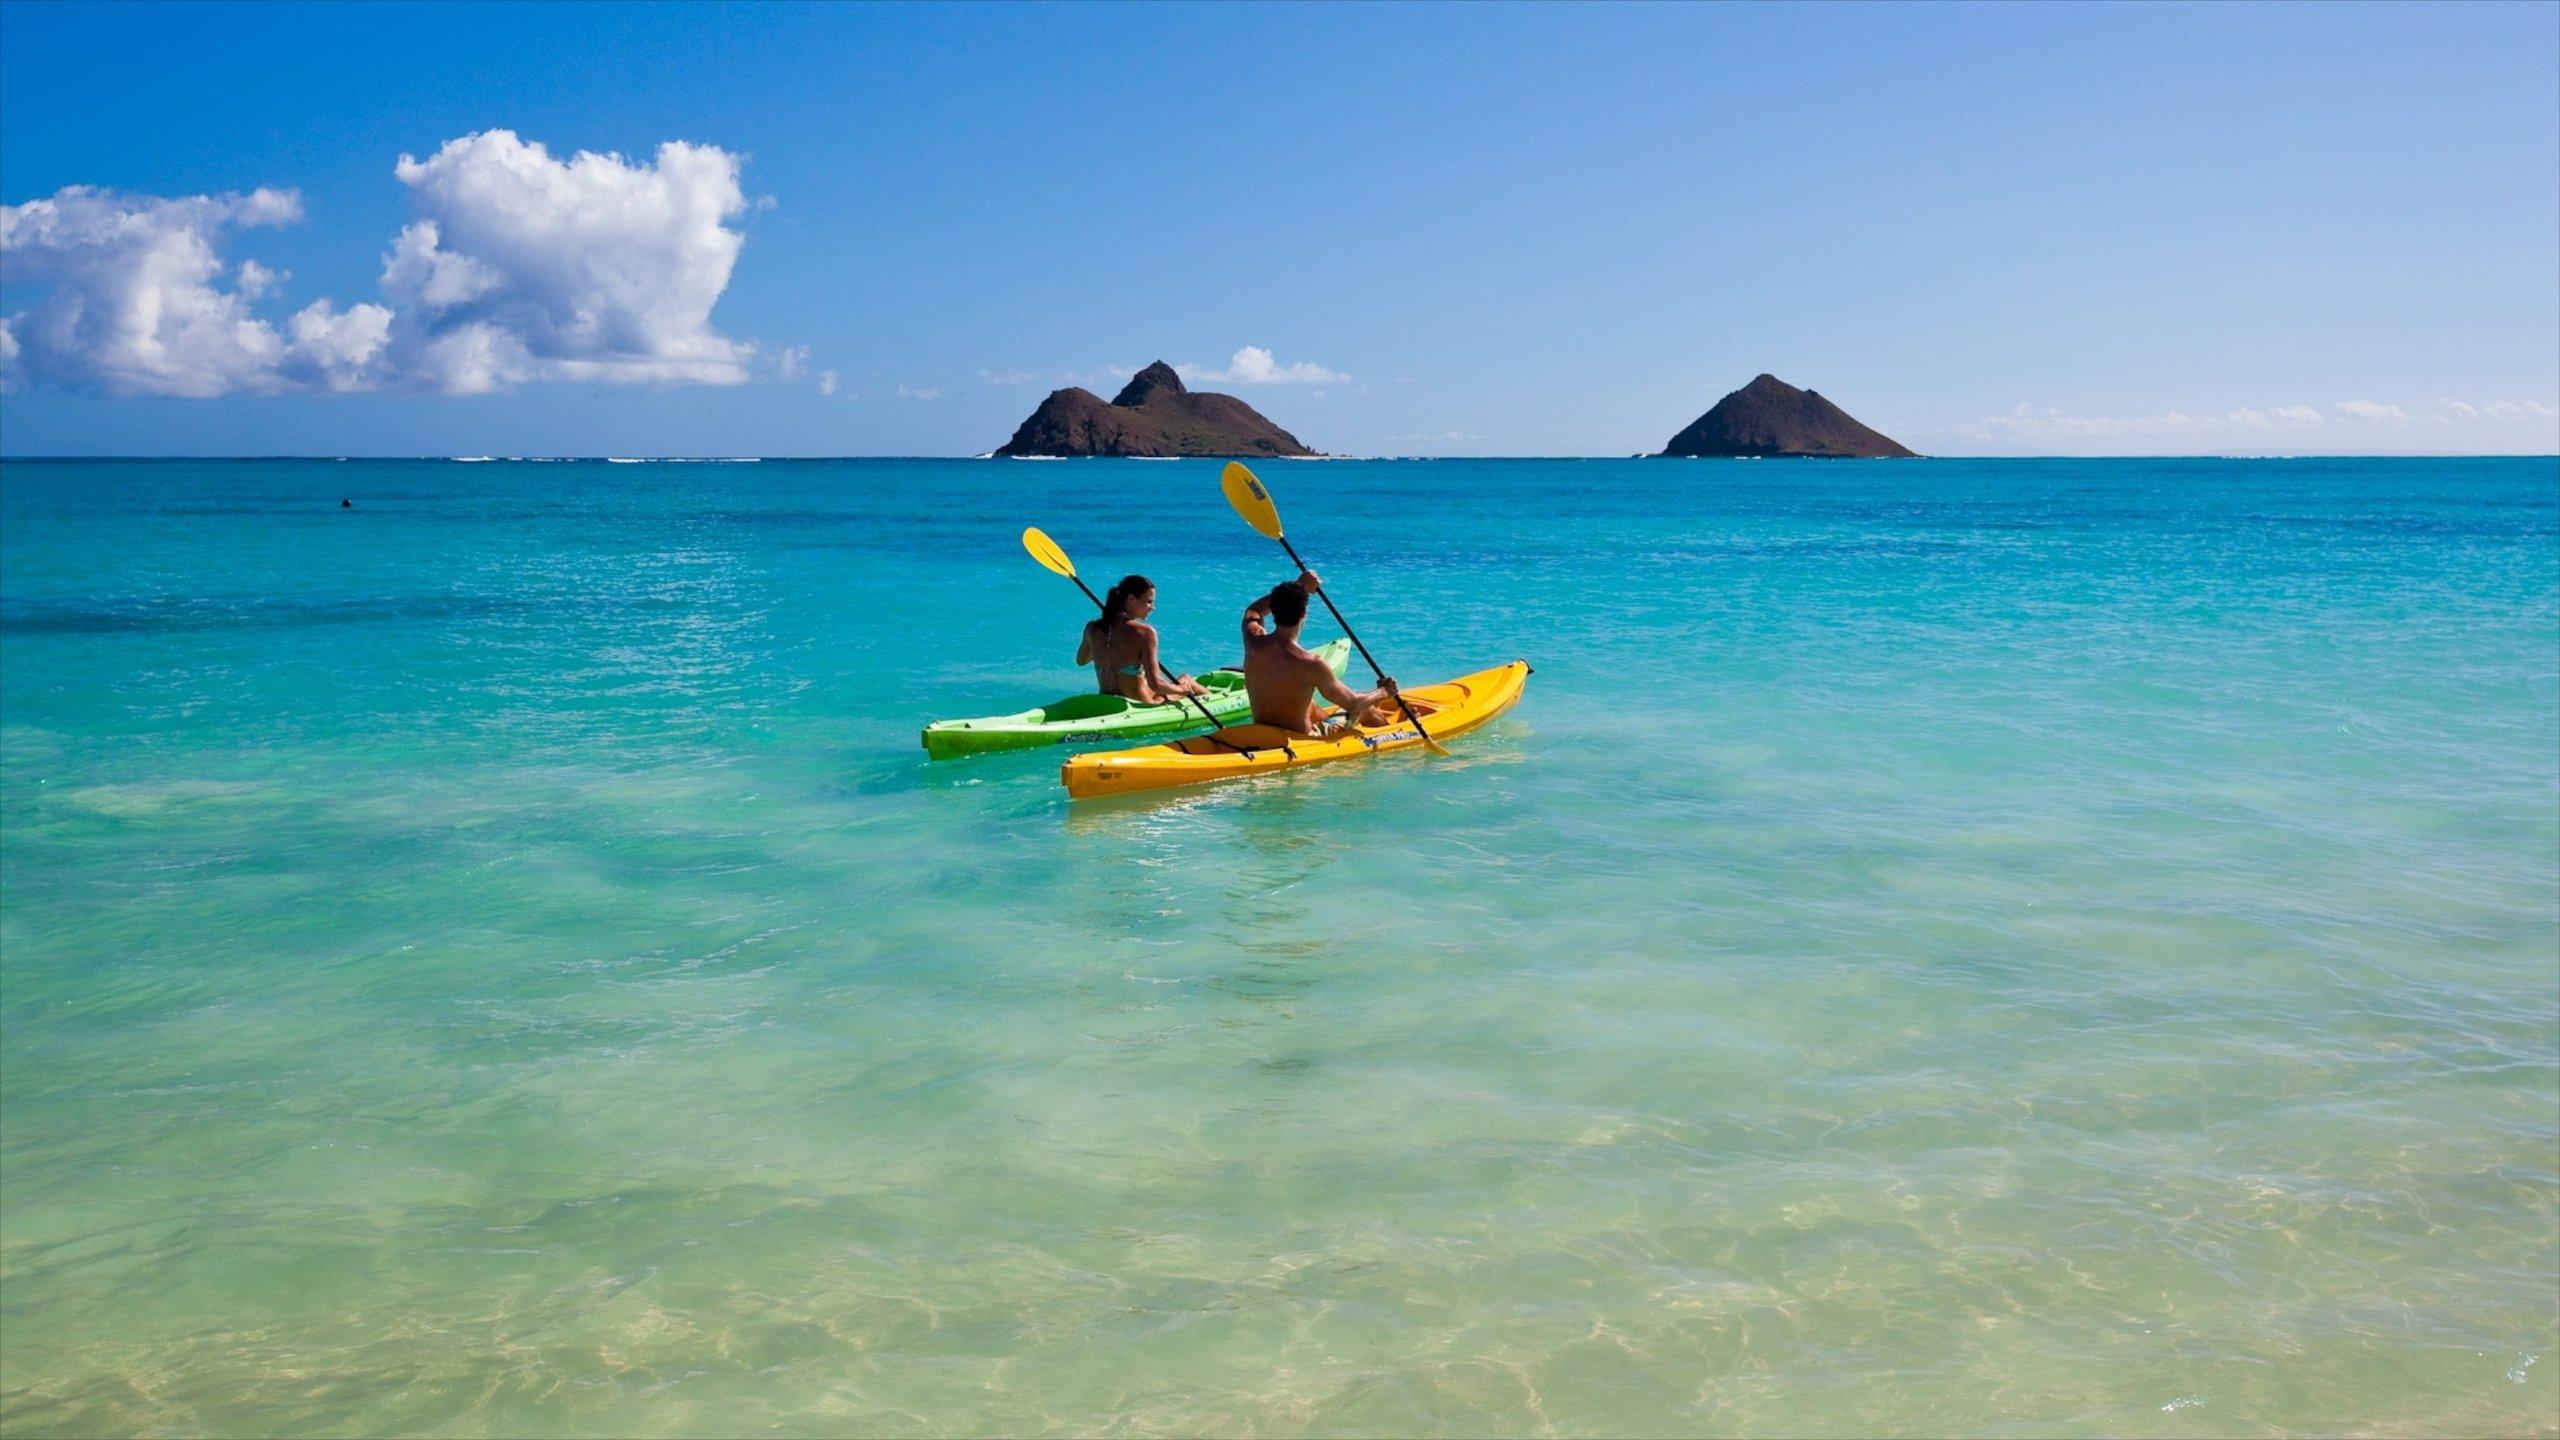 Kailua Beach, Kailua, Hawaii, United States of America